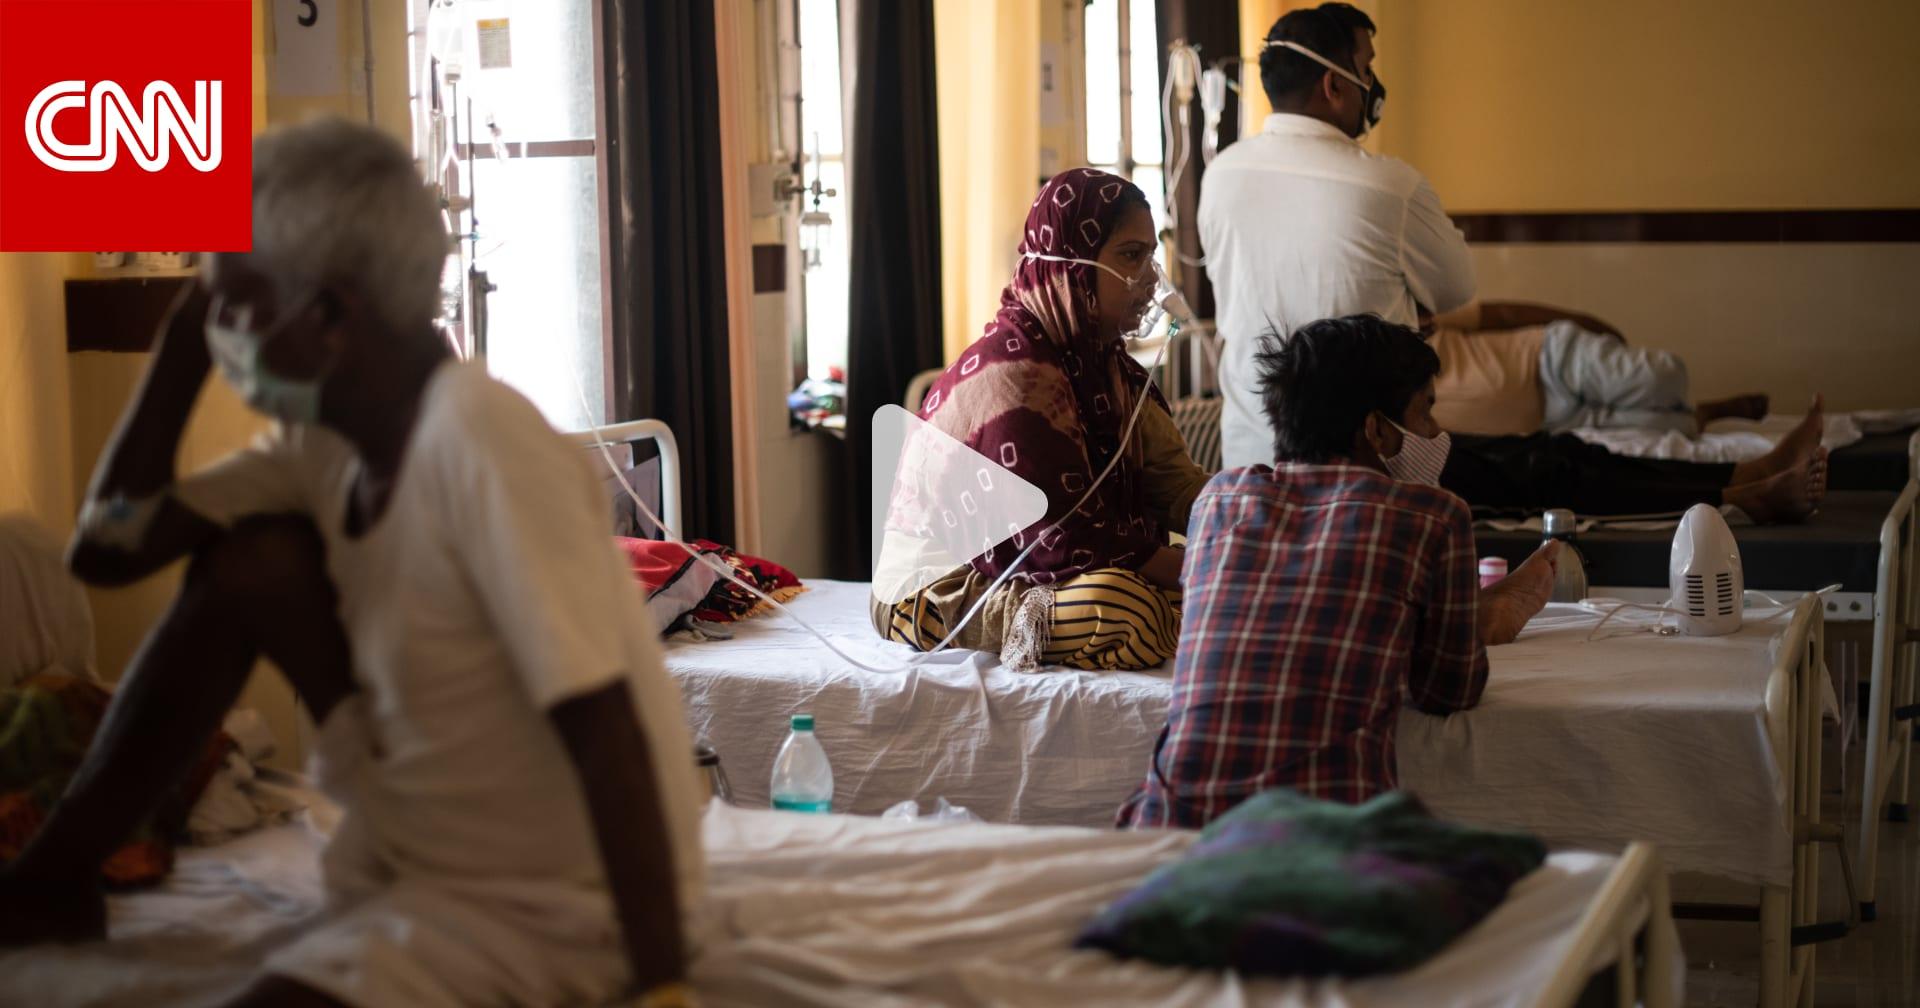 أزمة فيروس كورونا تستمر في الهند..والدول المجاورة تشهد ارتفاعاً في عدد الحالات